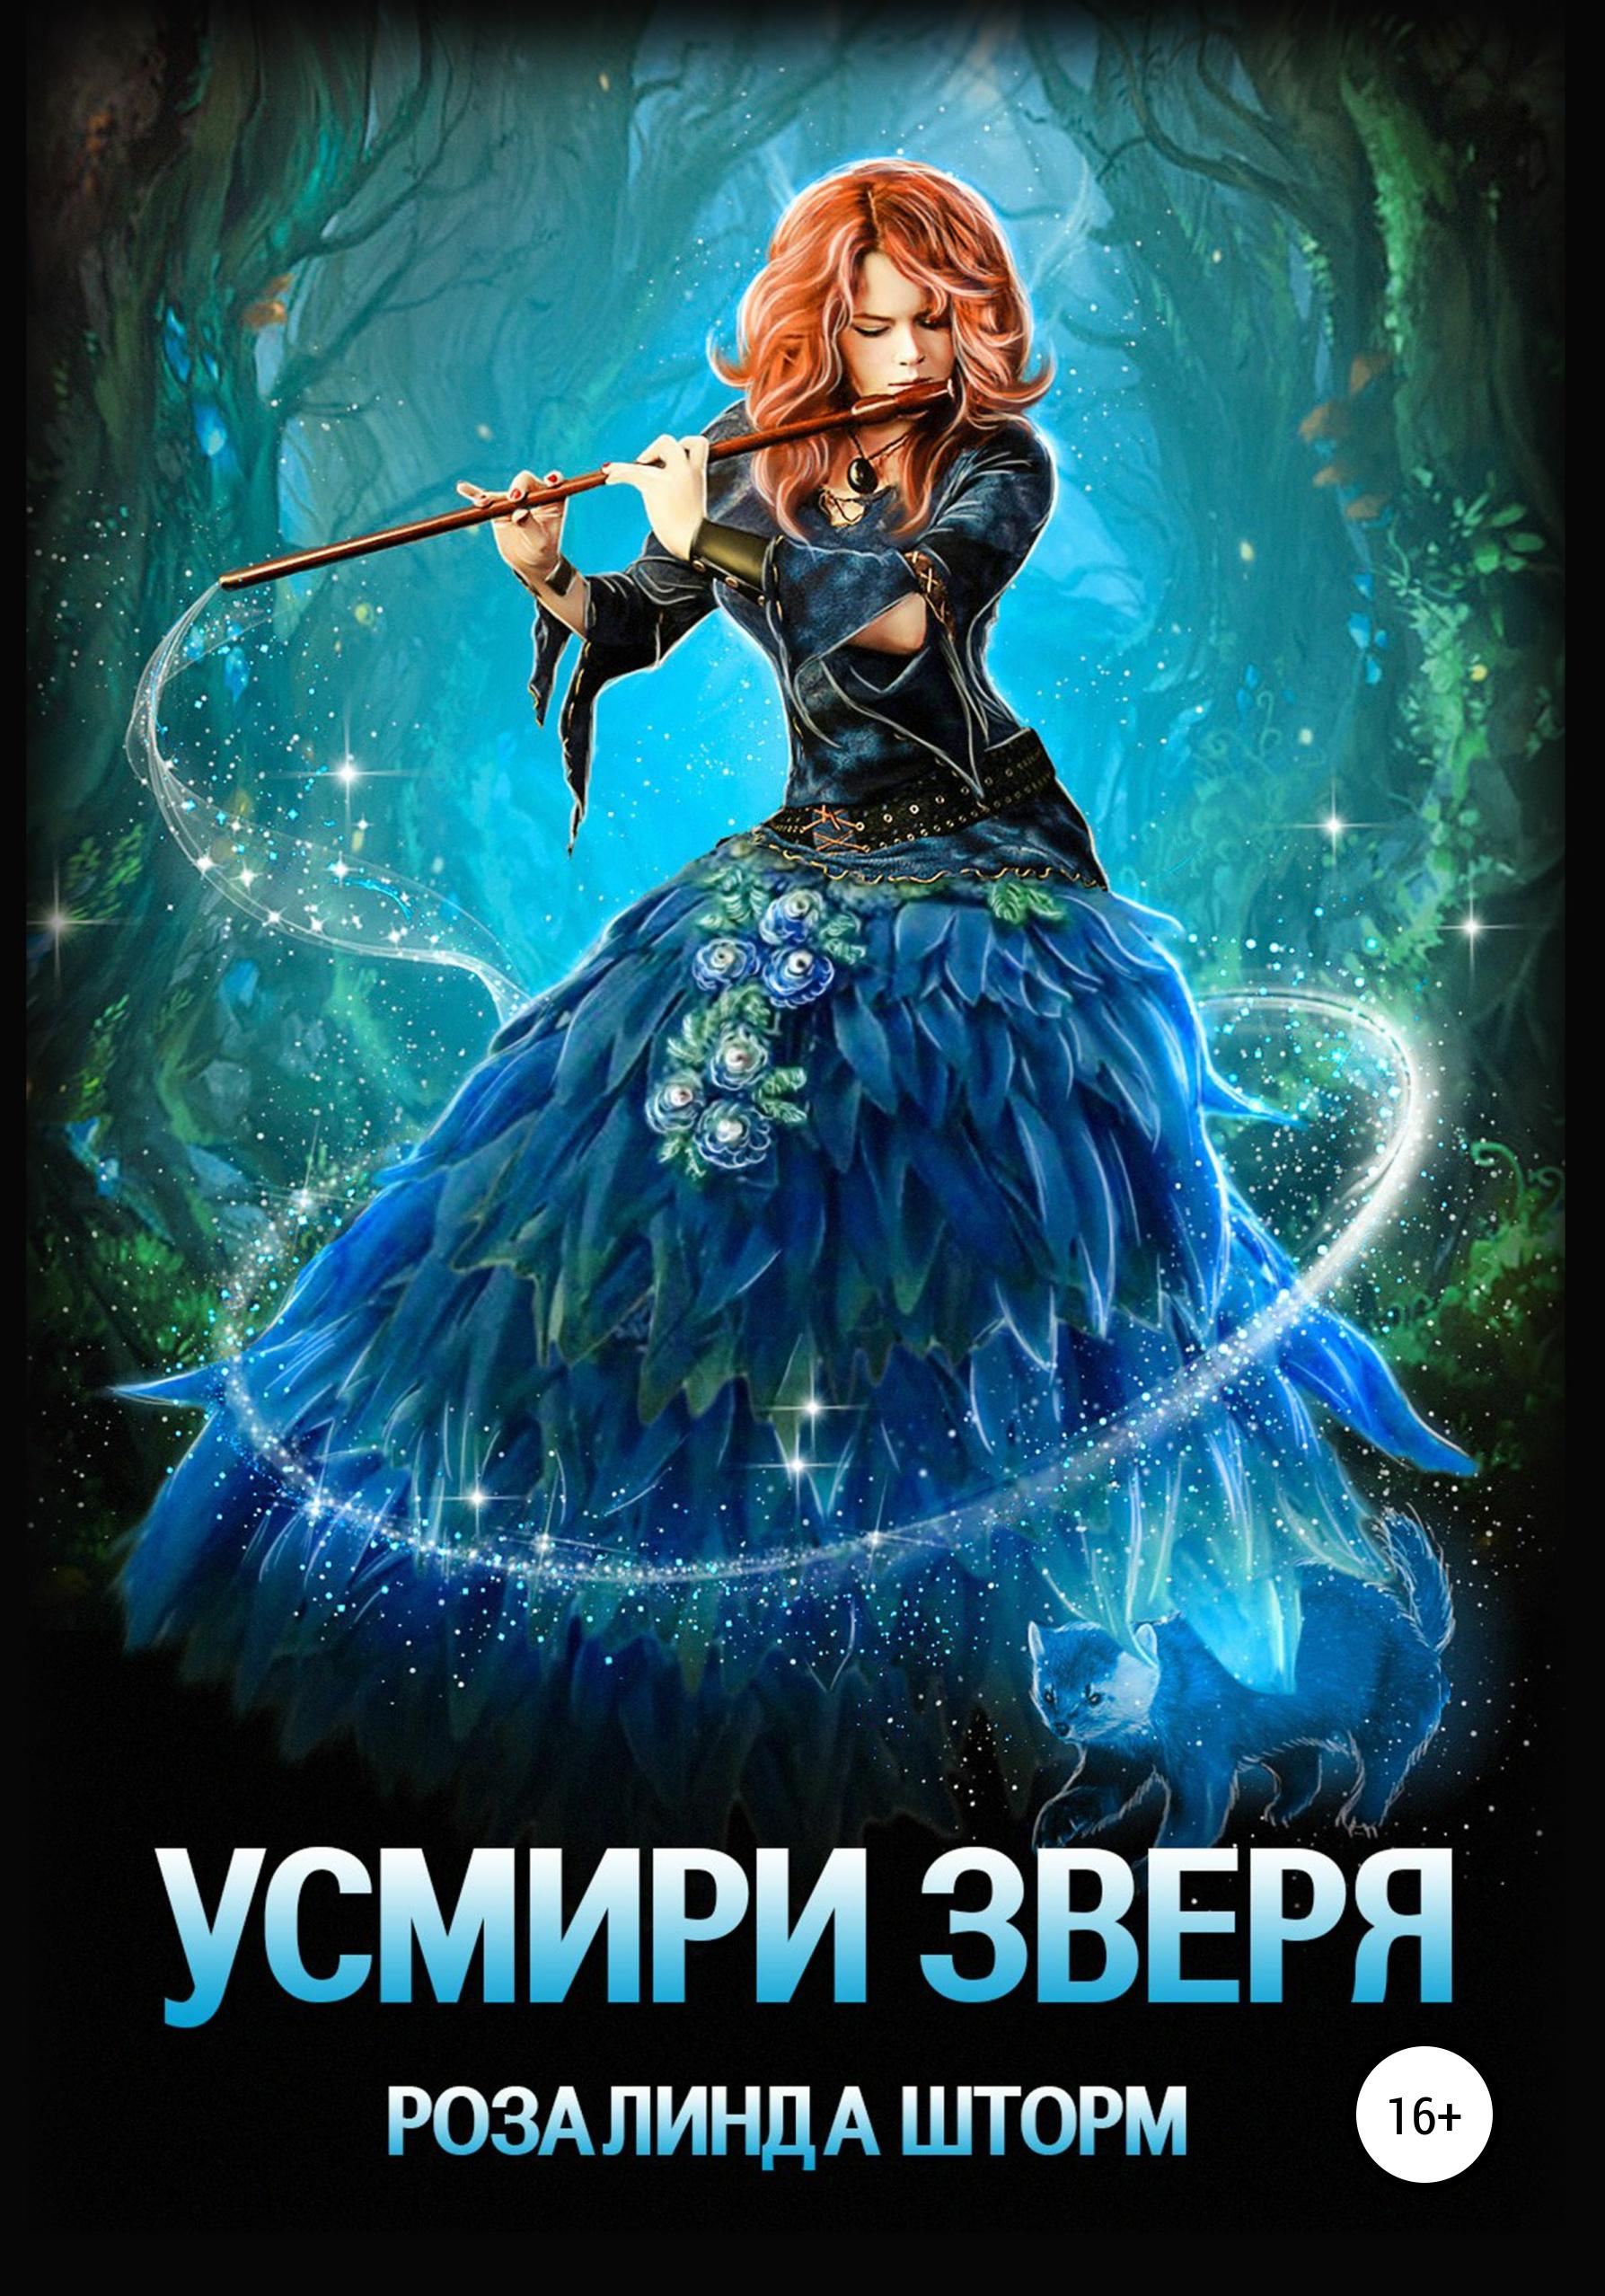 Розалинда Шторм Усмири зверя наташа шторм убить зверя